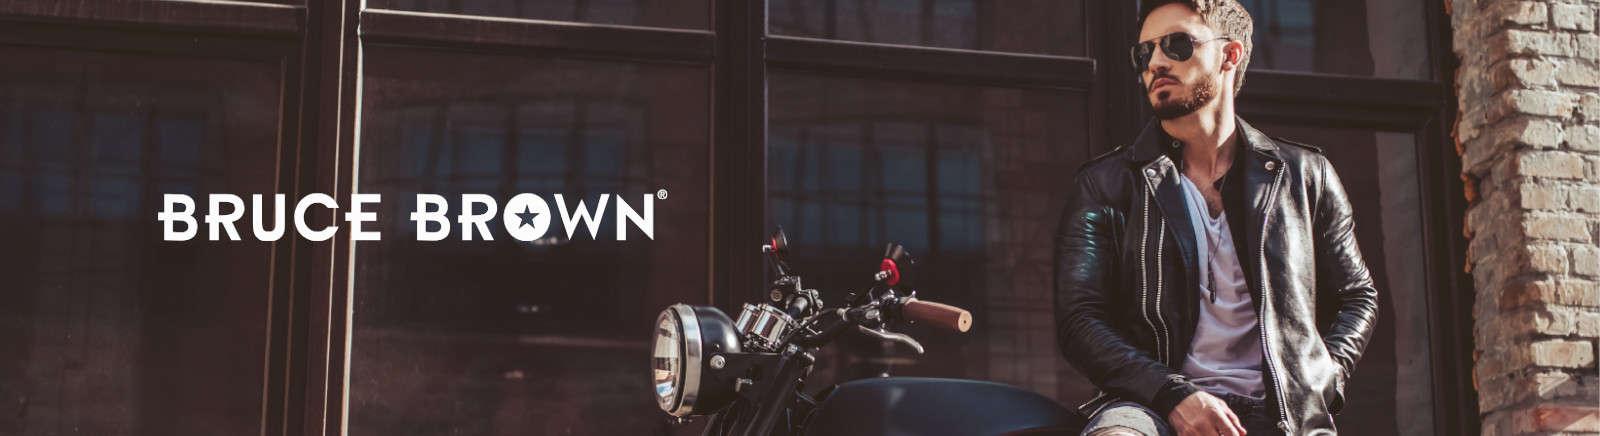 Prange: Bruce Brown Zehentrenner für Damen online shoppen